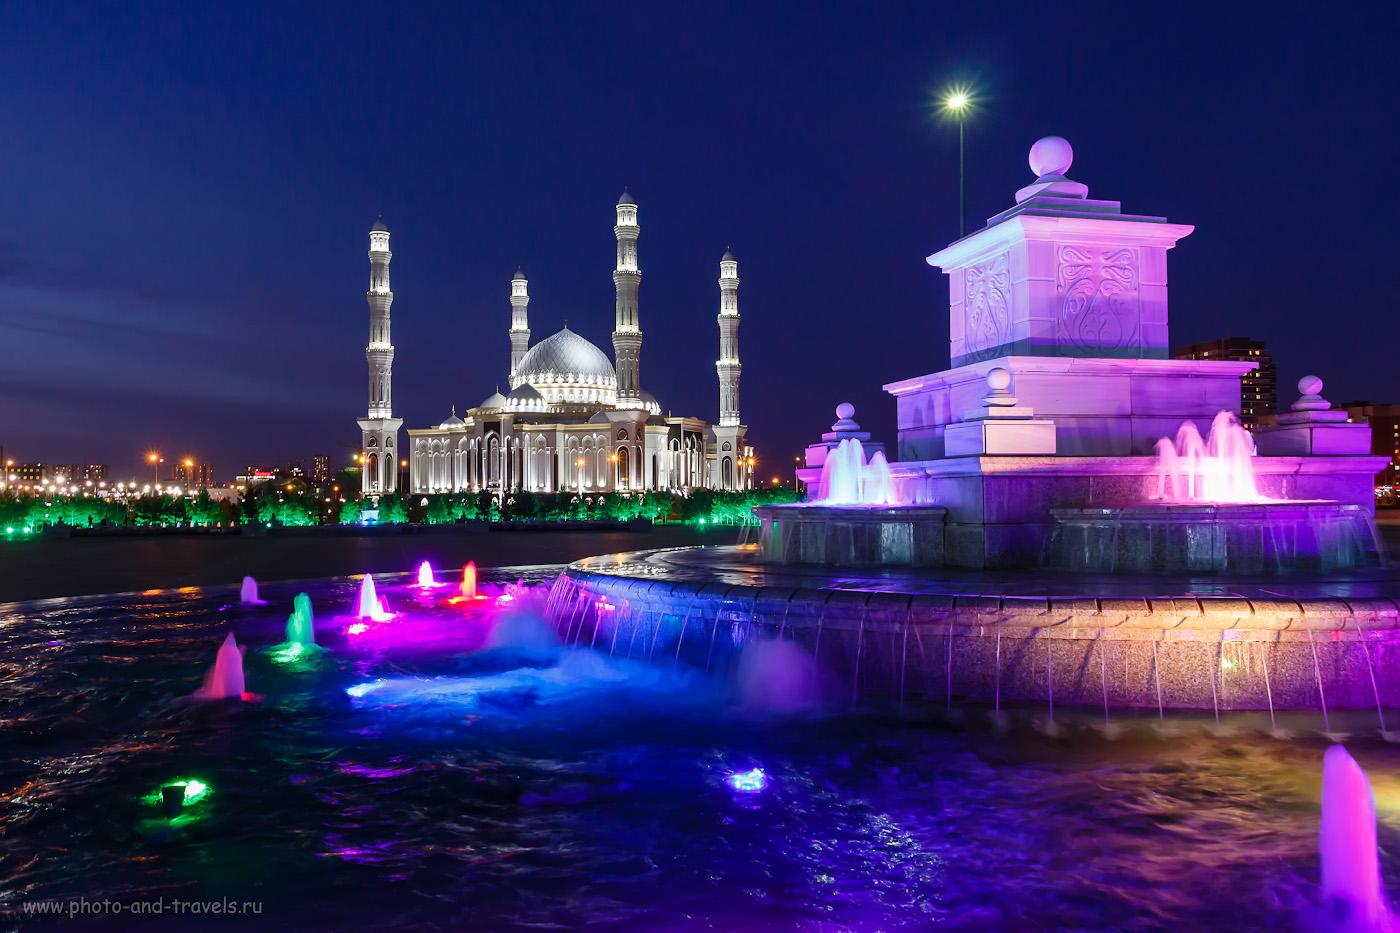 Фотография 32. Вечернее преображение мечети «Хазрет Султан».